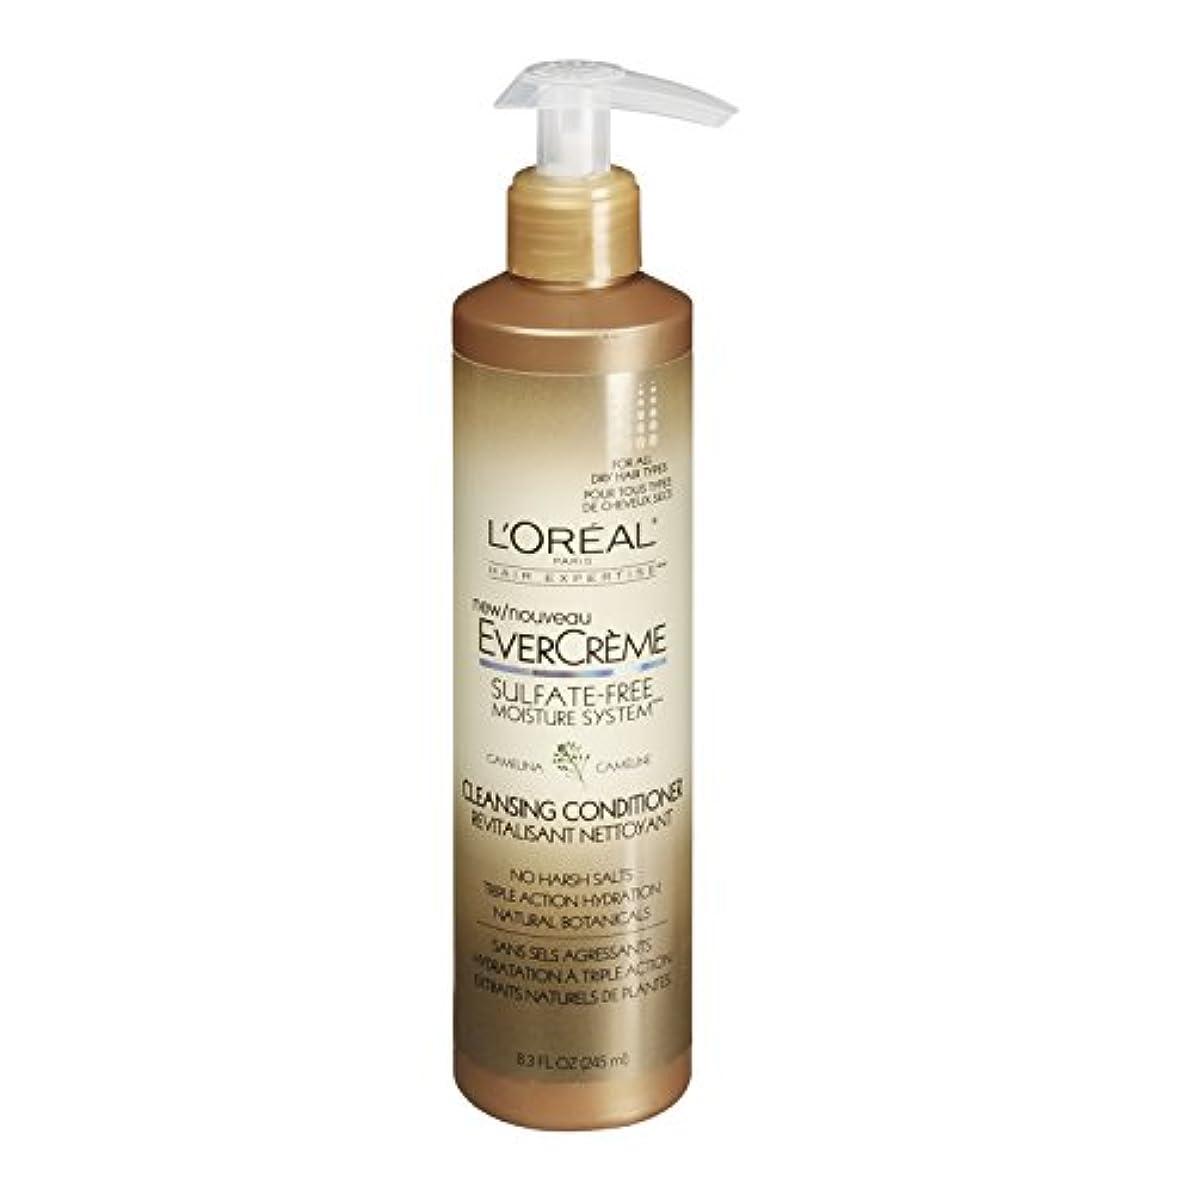 オッズ倒錯ボタンL'Oreal Paris EverCreme Sulfate-Free Moisture System Cleansing Conditioner, 8.3 fl. Oz. by L'Oreal Paris Hair...